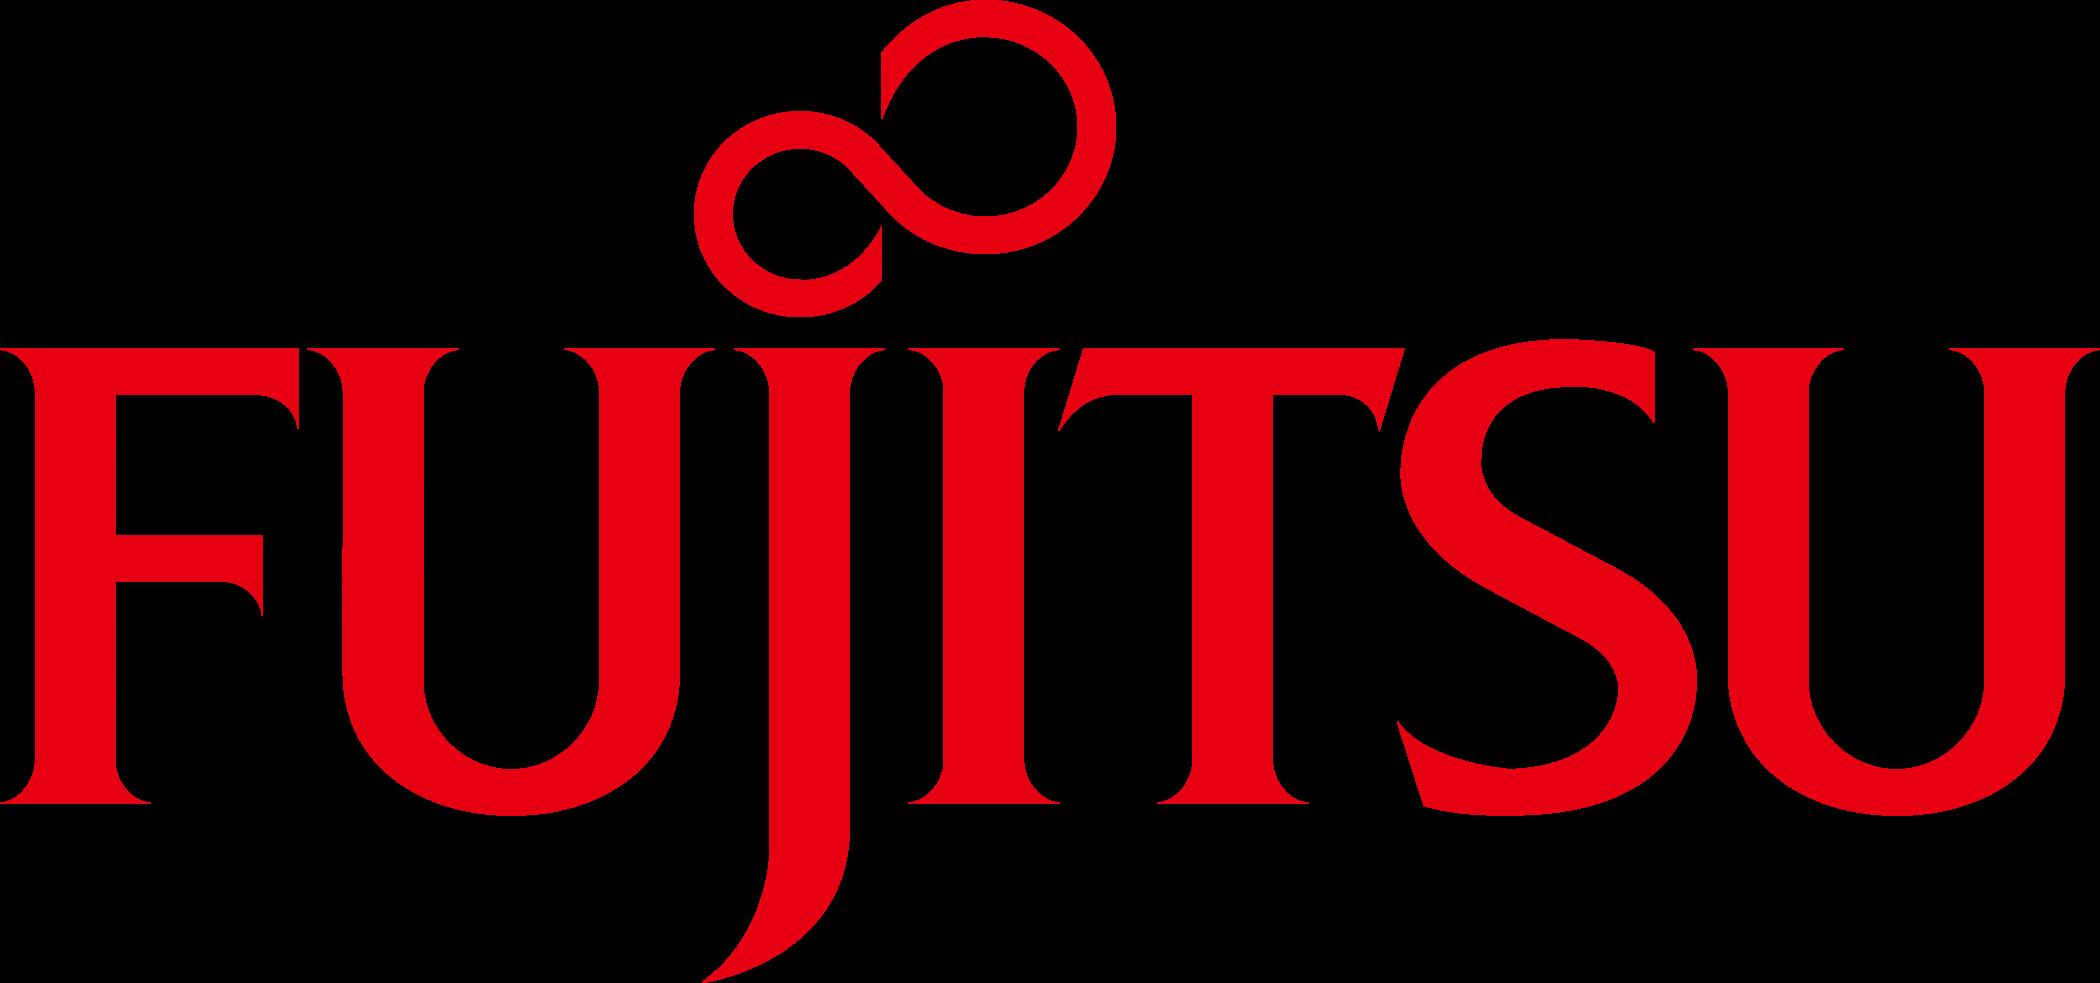 fujitsu logo 1 - Fujitsu Logo